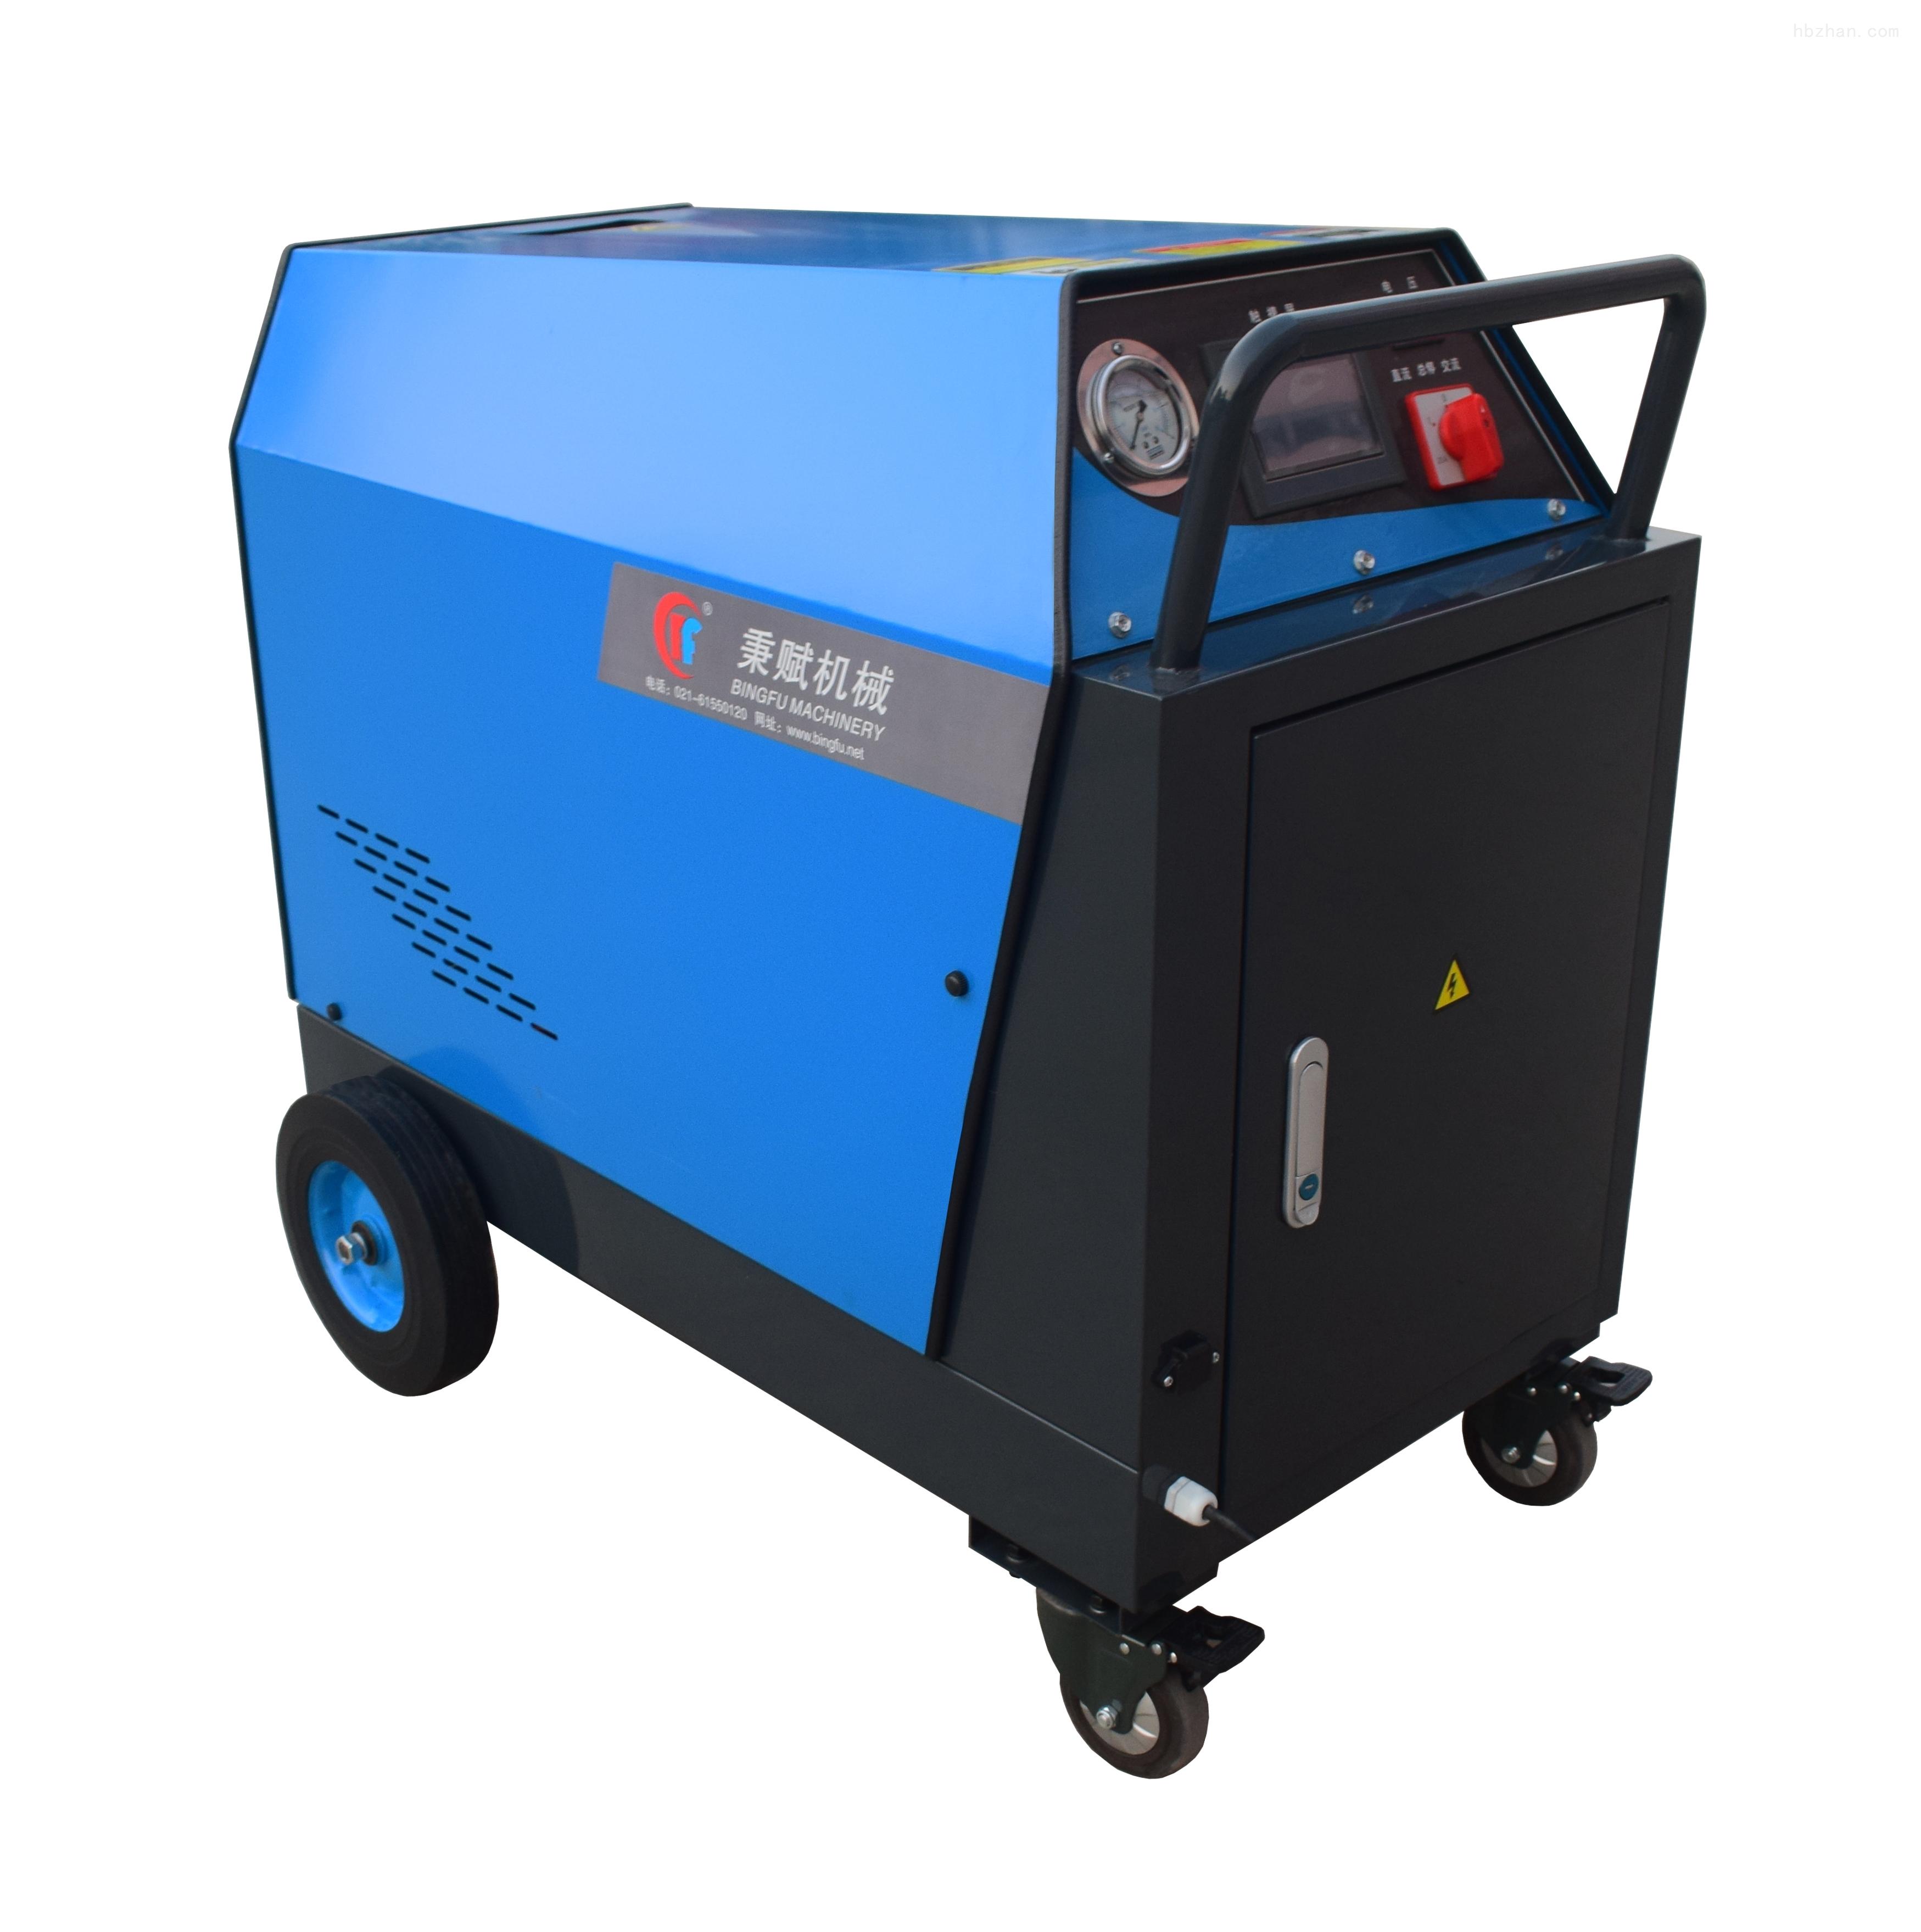 上海秉赋-GMS1040C双管双枪蒸汽洗车机